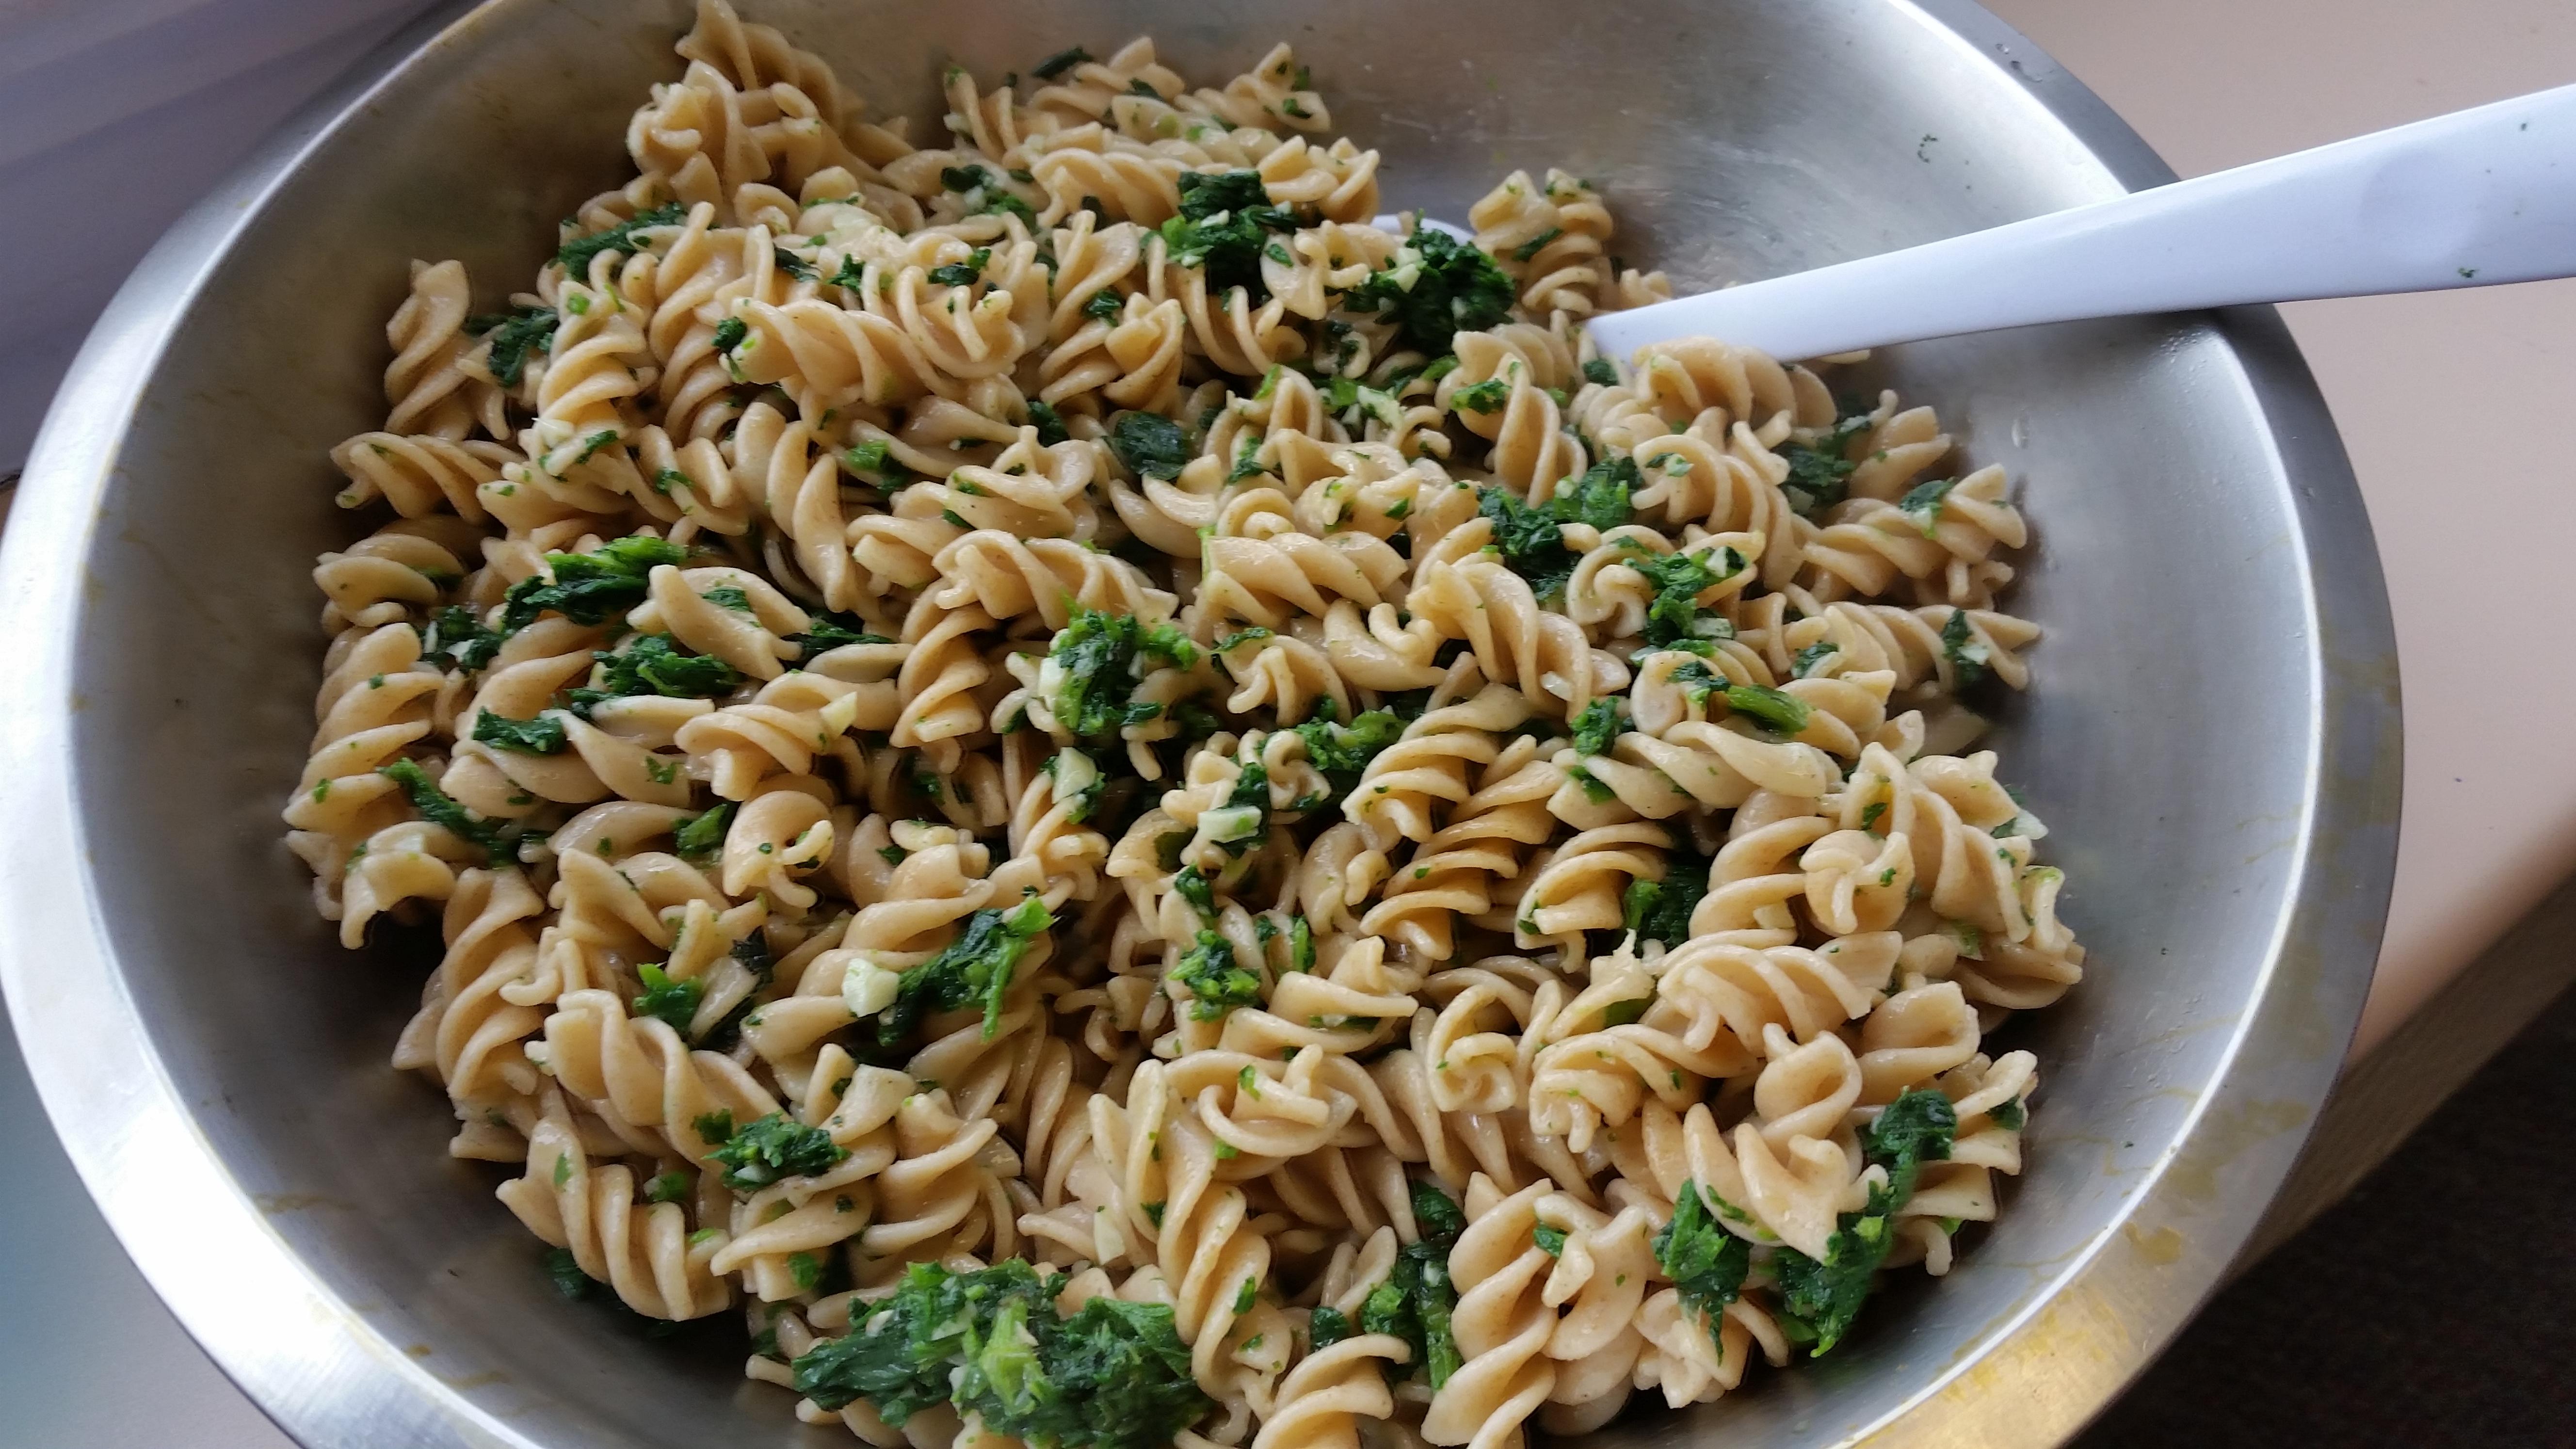 Stinging nettle pasta!